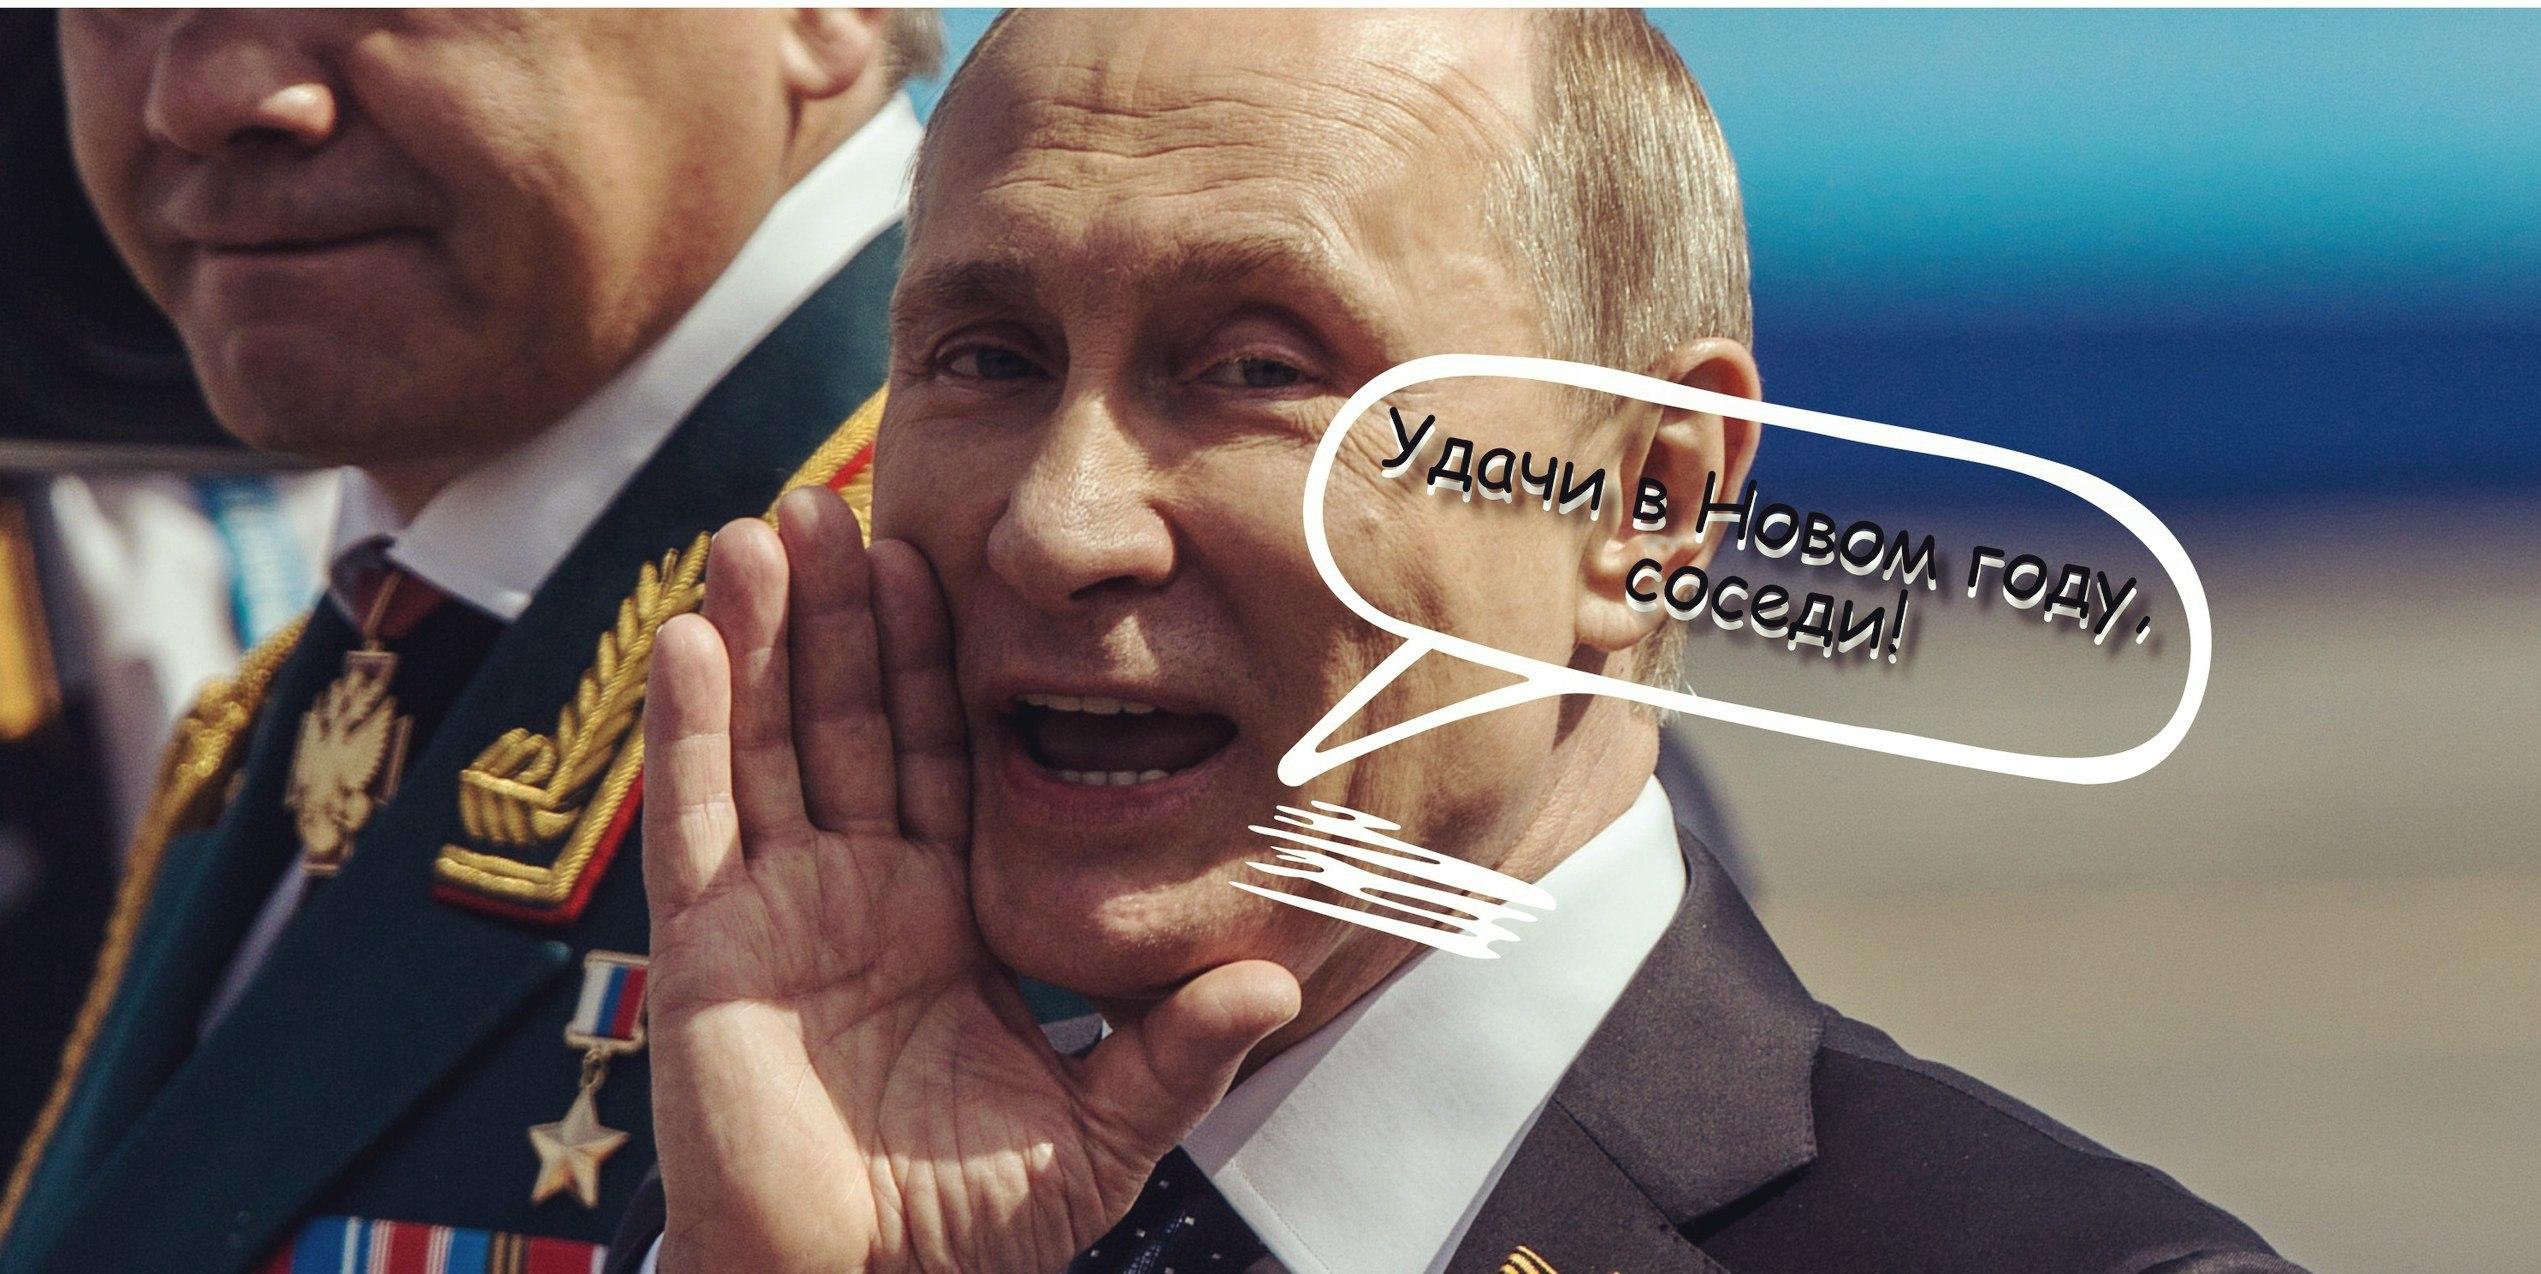 украина новости последнего часа смотреть